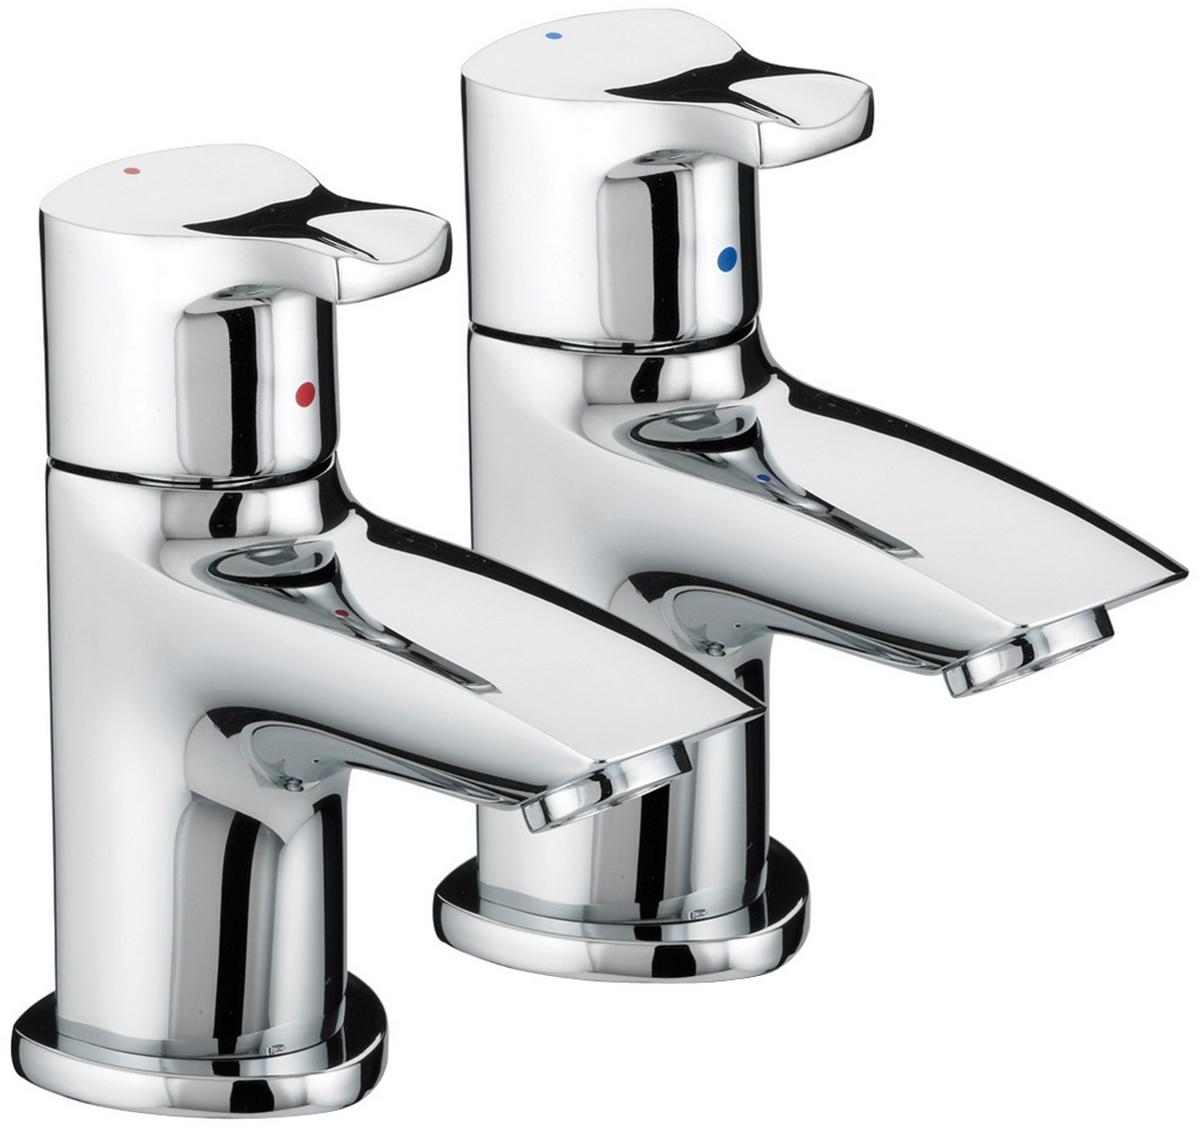 Basin Taps - 4 Litres Flow Limit